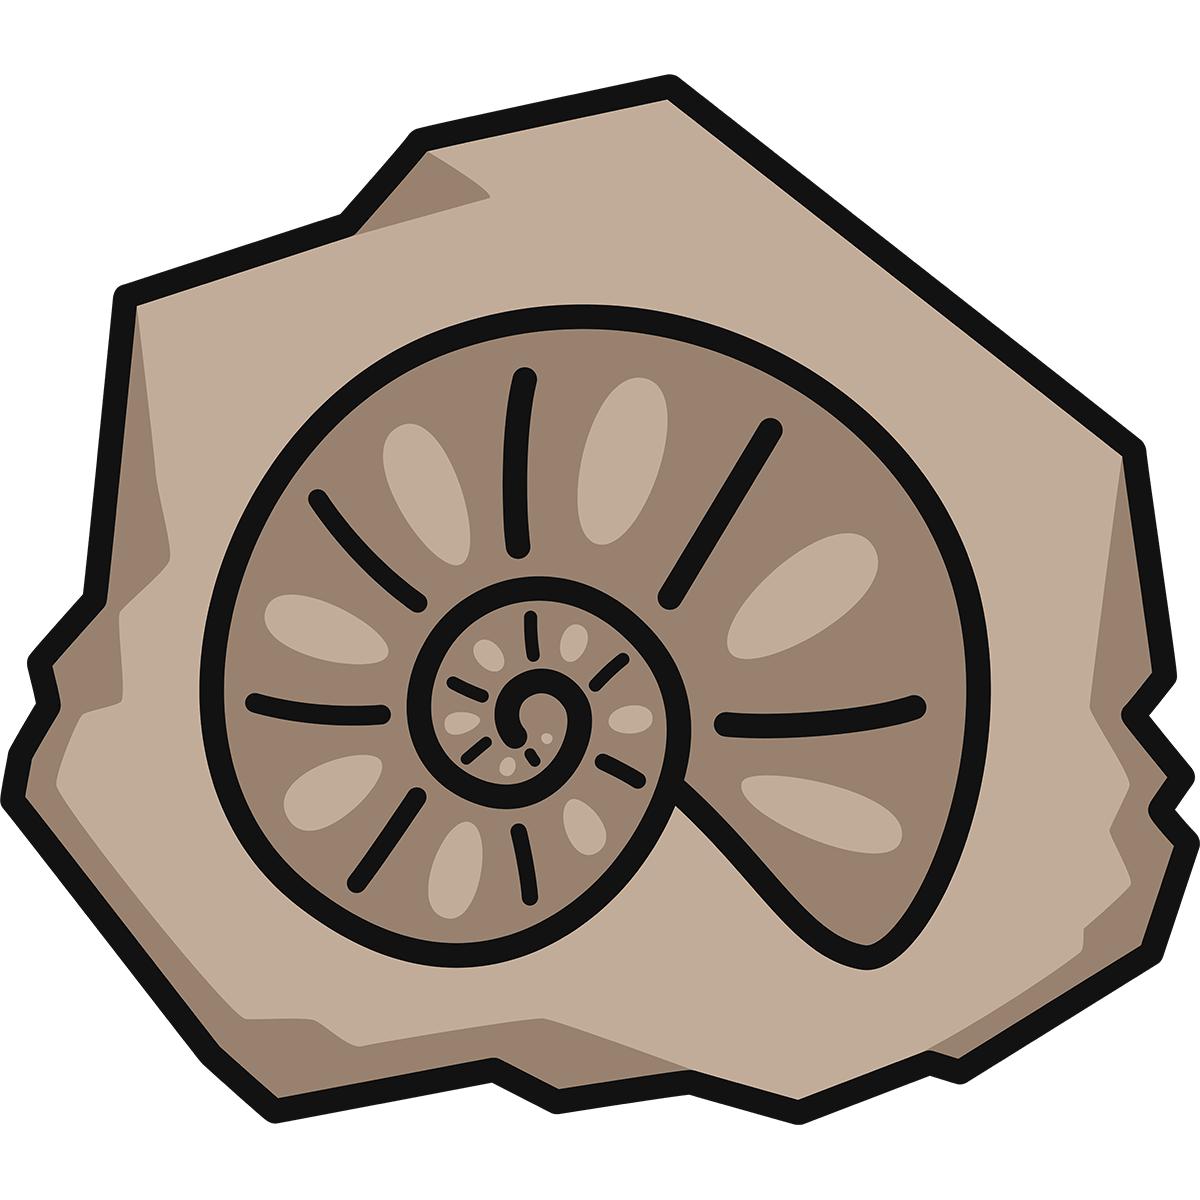 アンモナイトの化石の無料イラスト